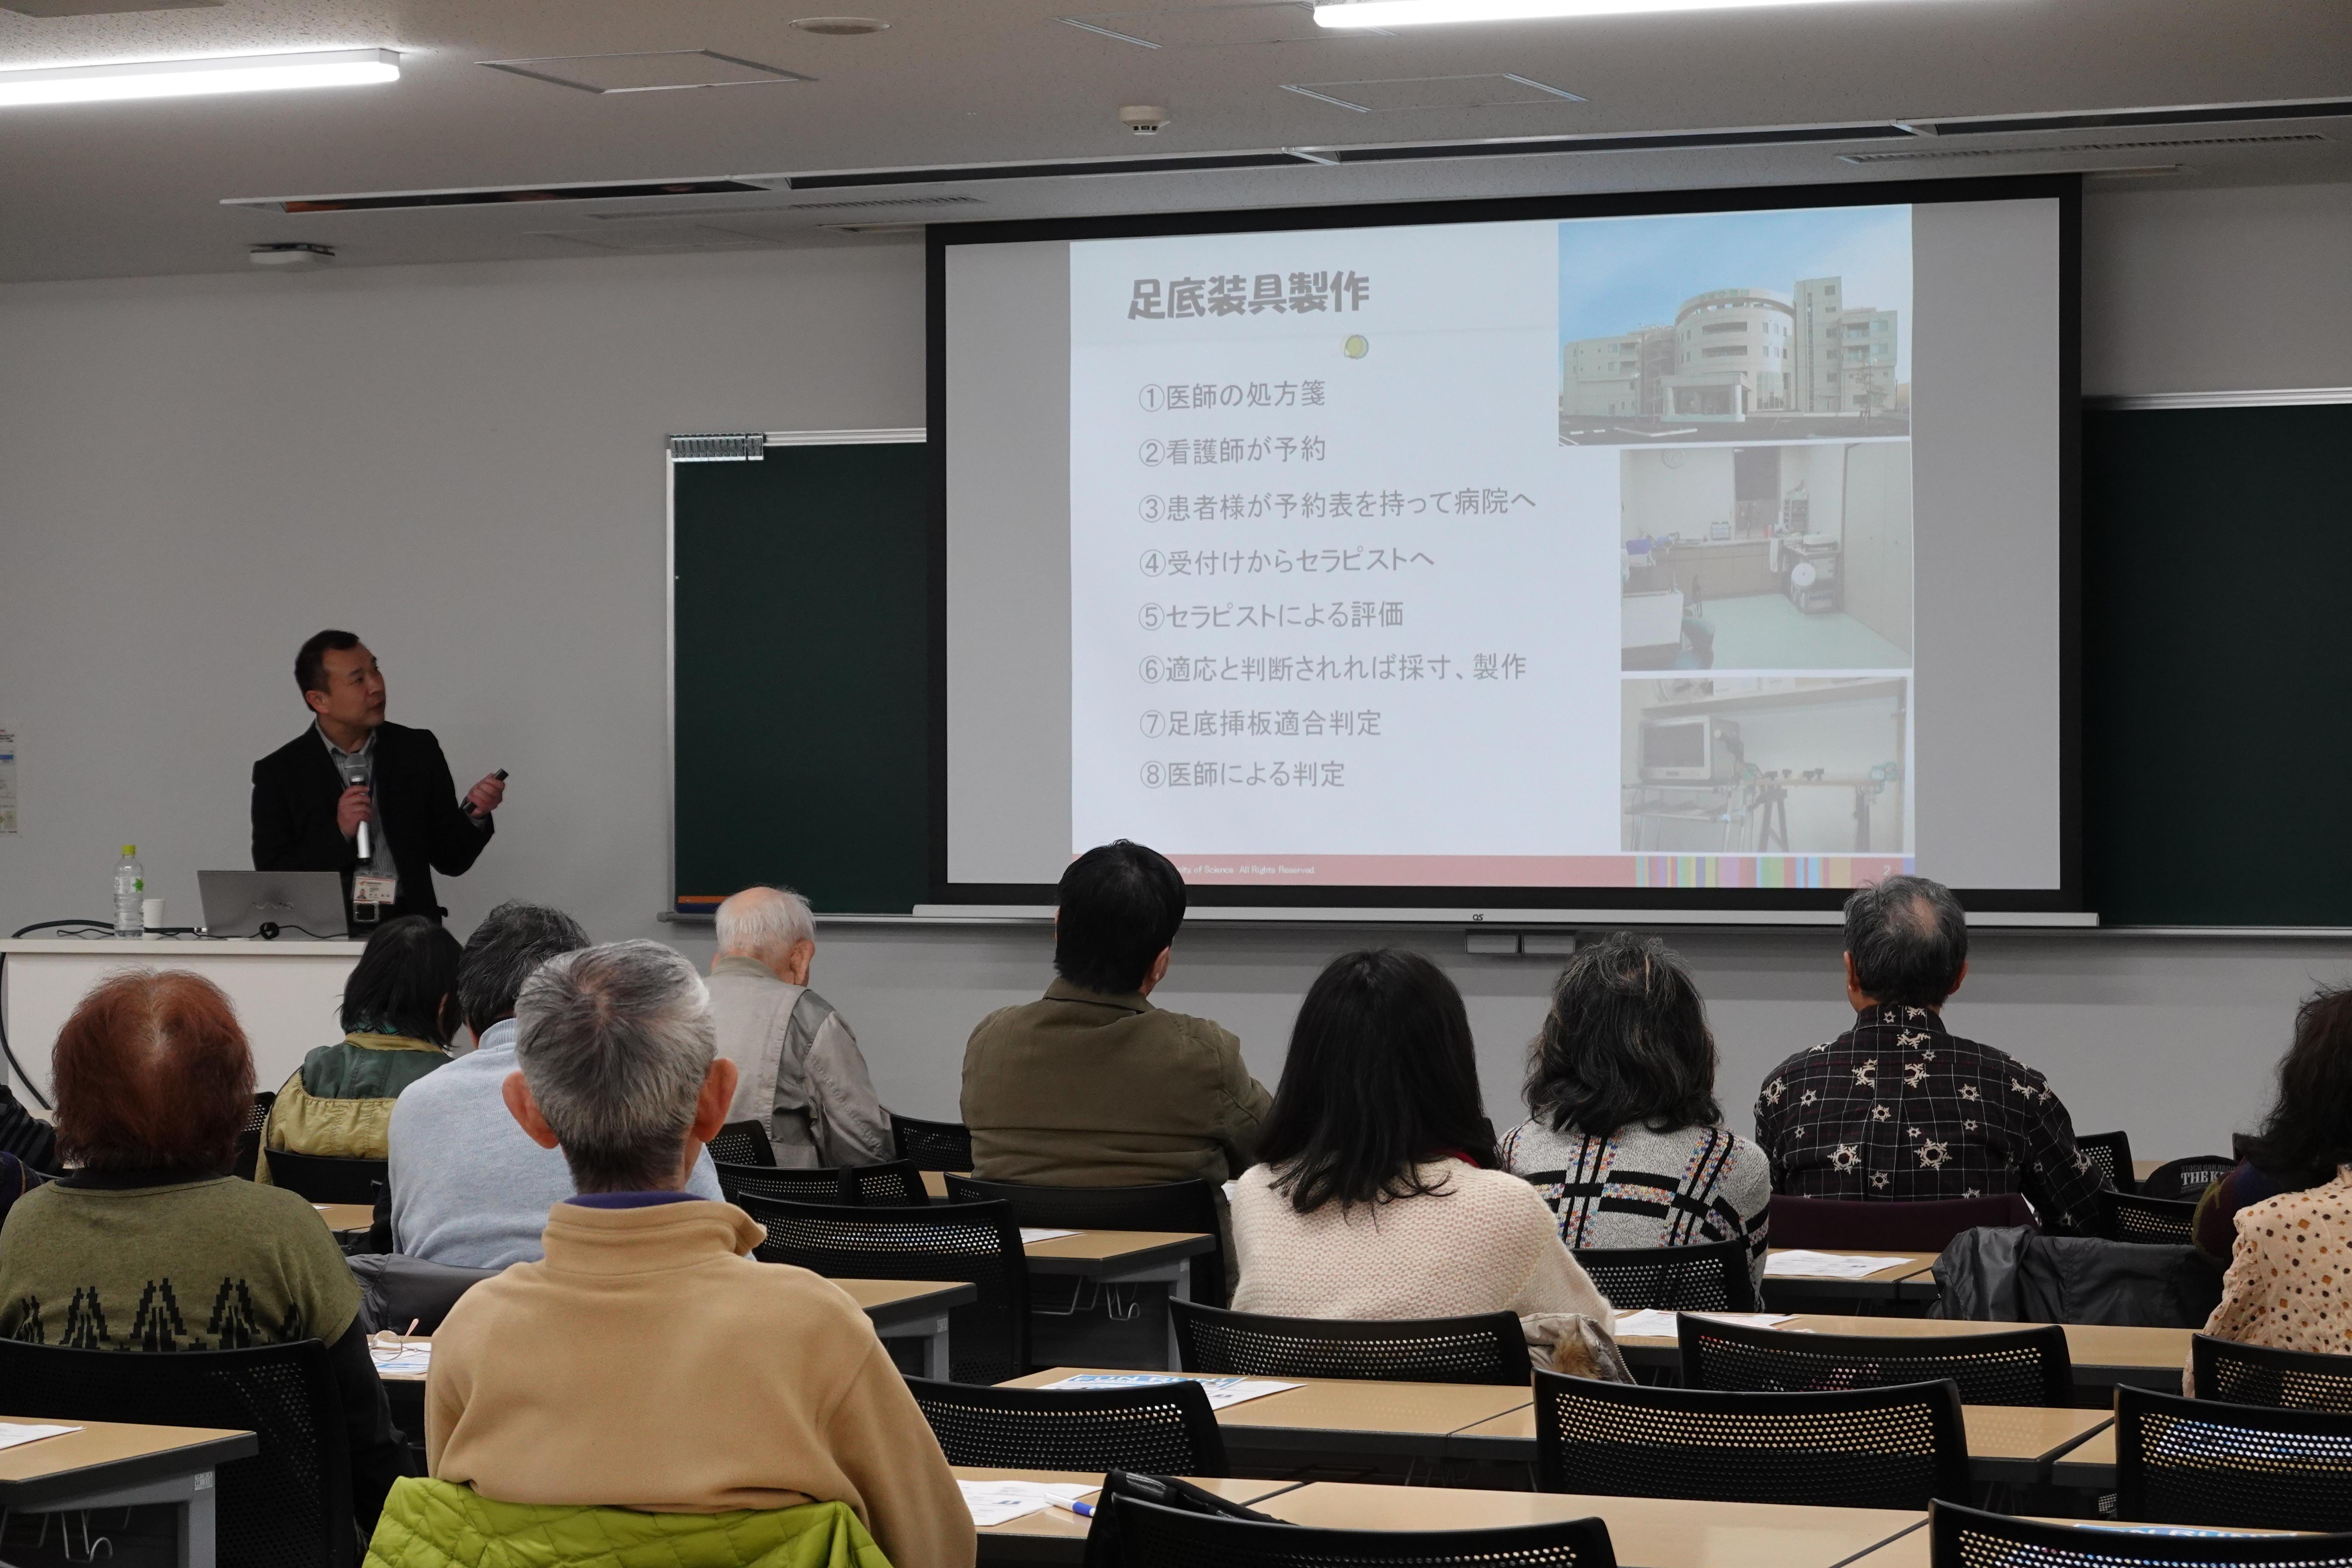 「姿勢と歩行の正しい知識」について解説! -- 北海道科学大学が公開講座を開催